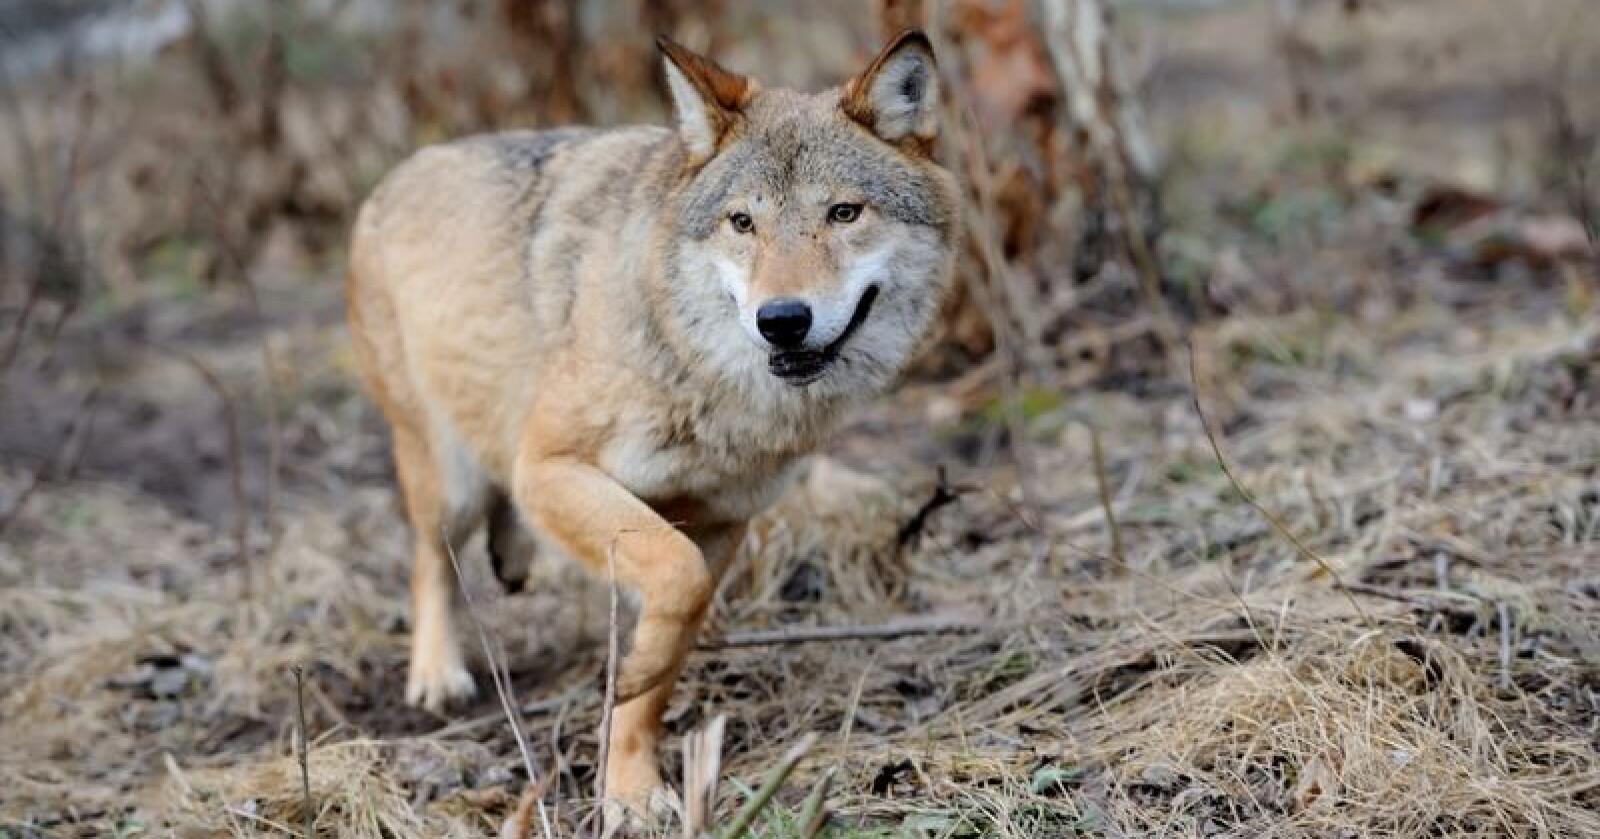 Ulven har skapt stor debatt i Danmark den siste tiden, etter at en mann er siktet for å ha skutt ulv. Foto: Colourbox